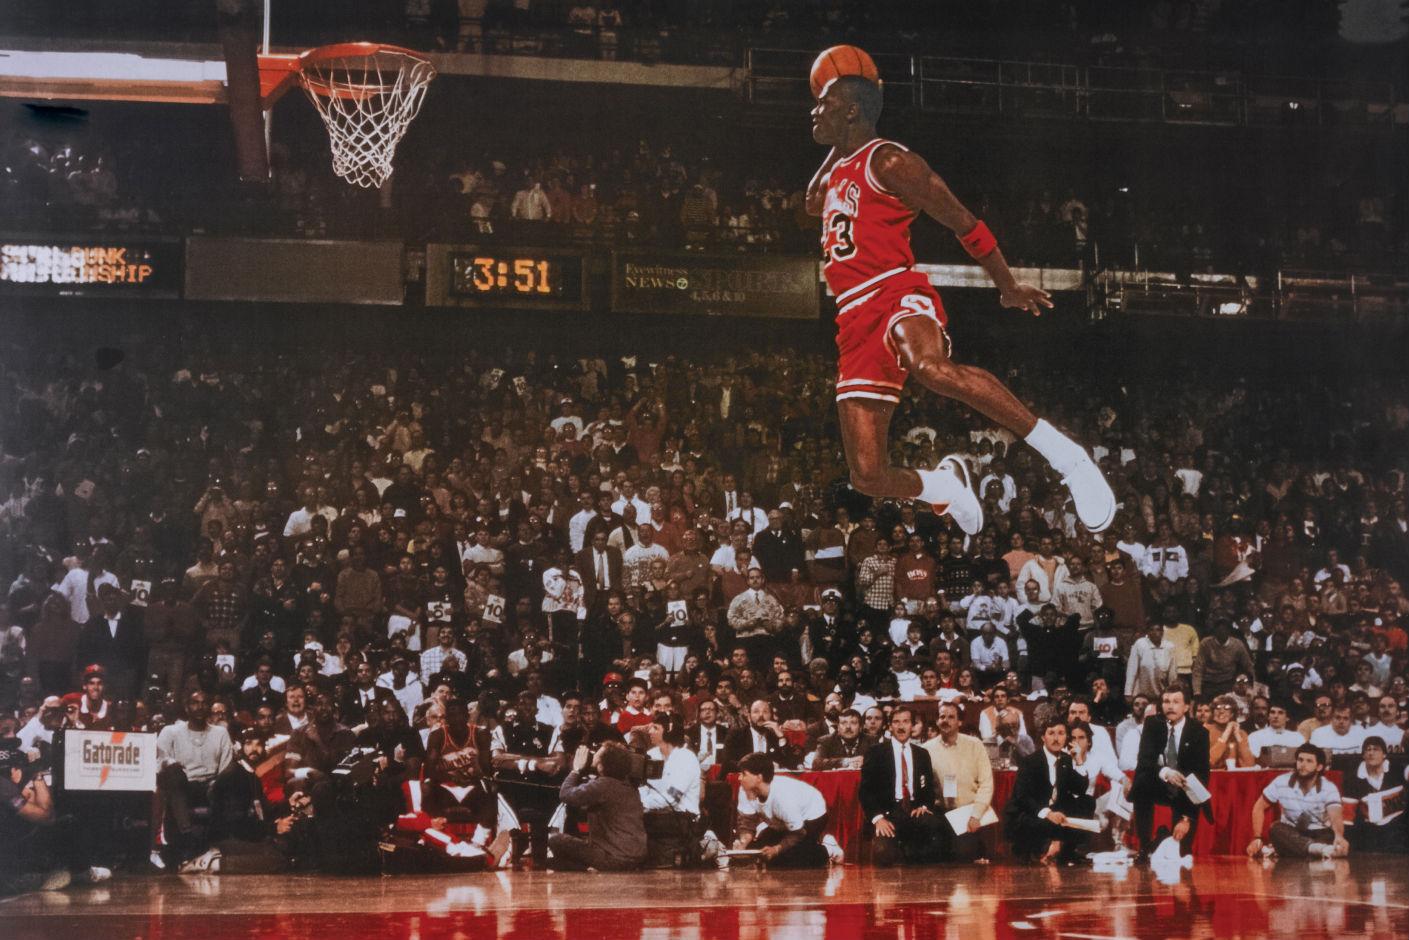 Nejznámější fotografie Michaela Jordana